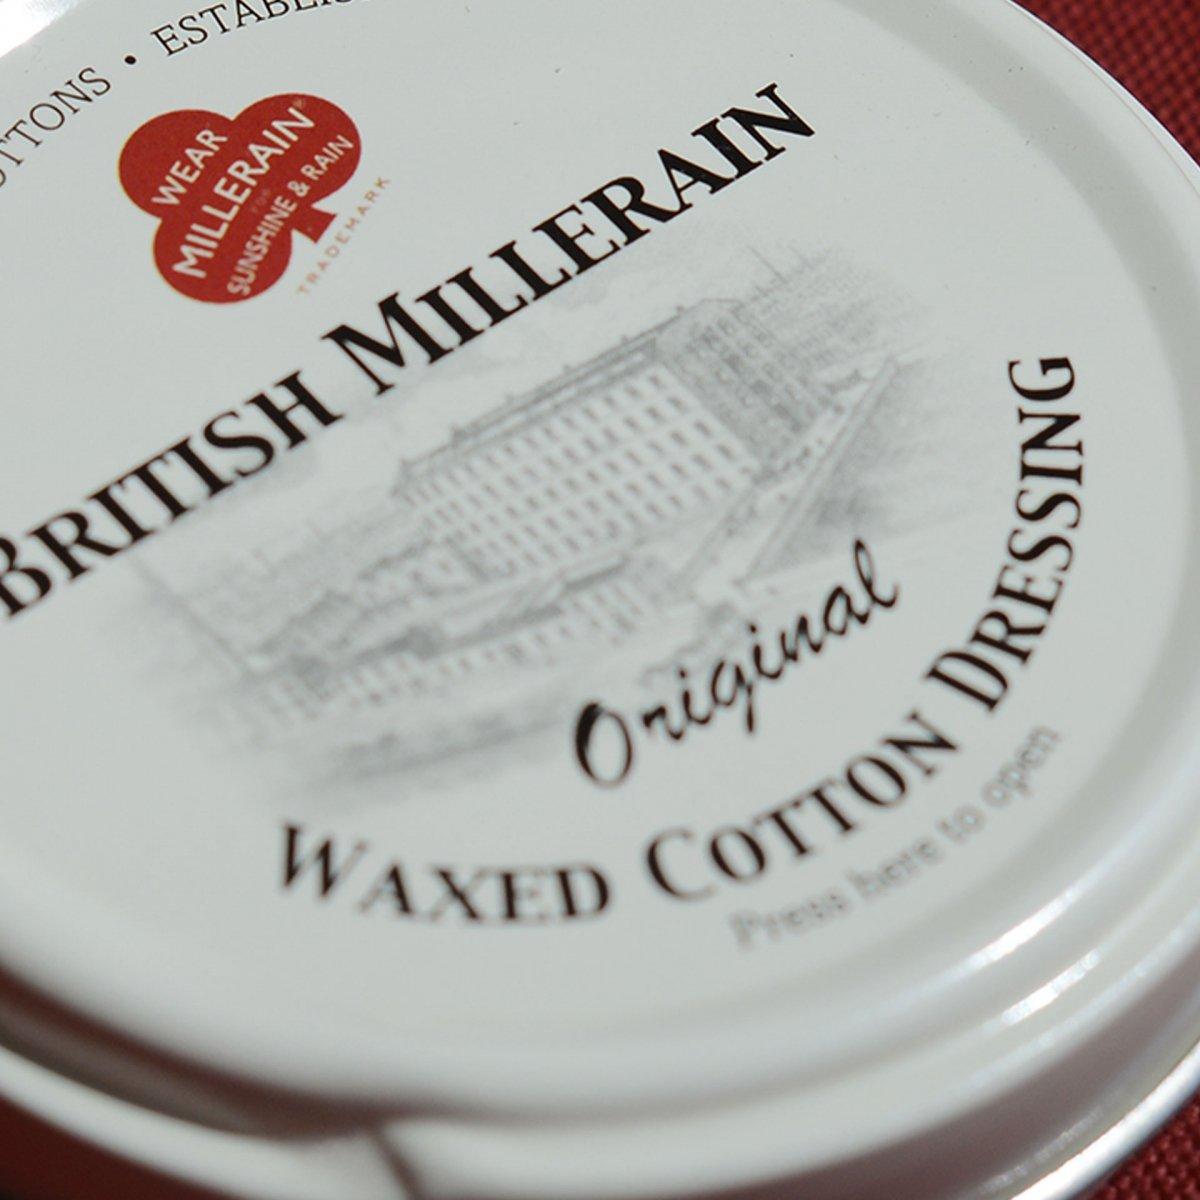 Cire rénovatrice - Toile coton waxée (image n°3)